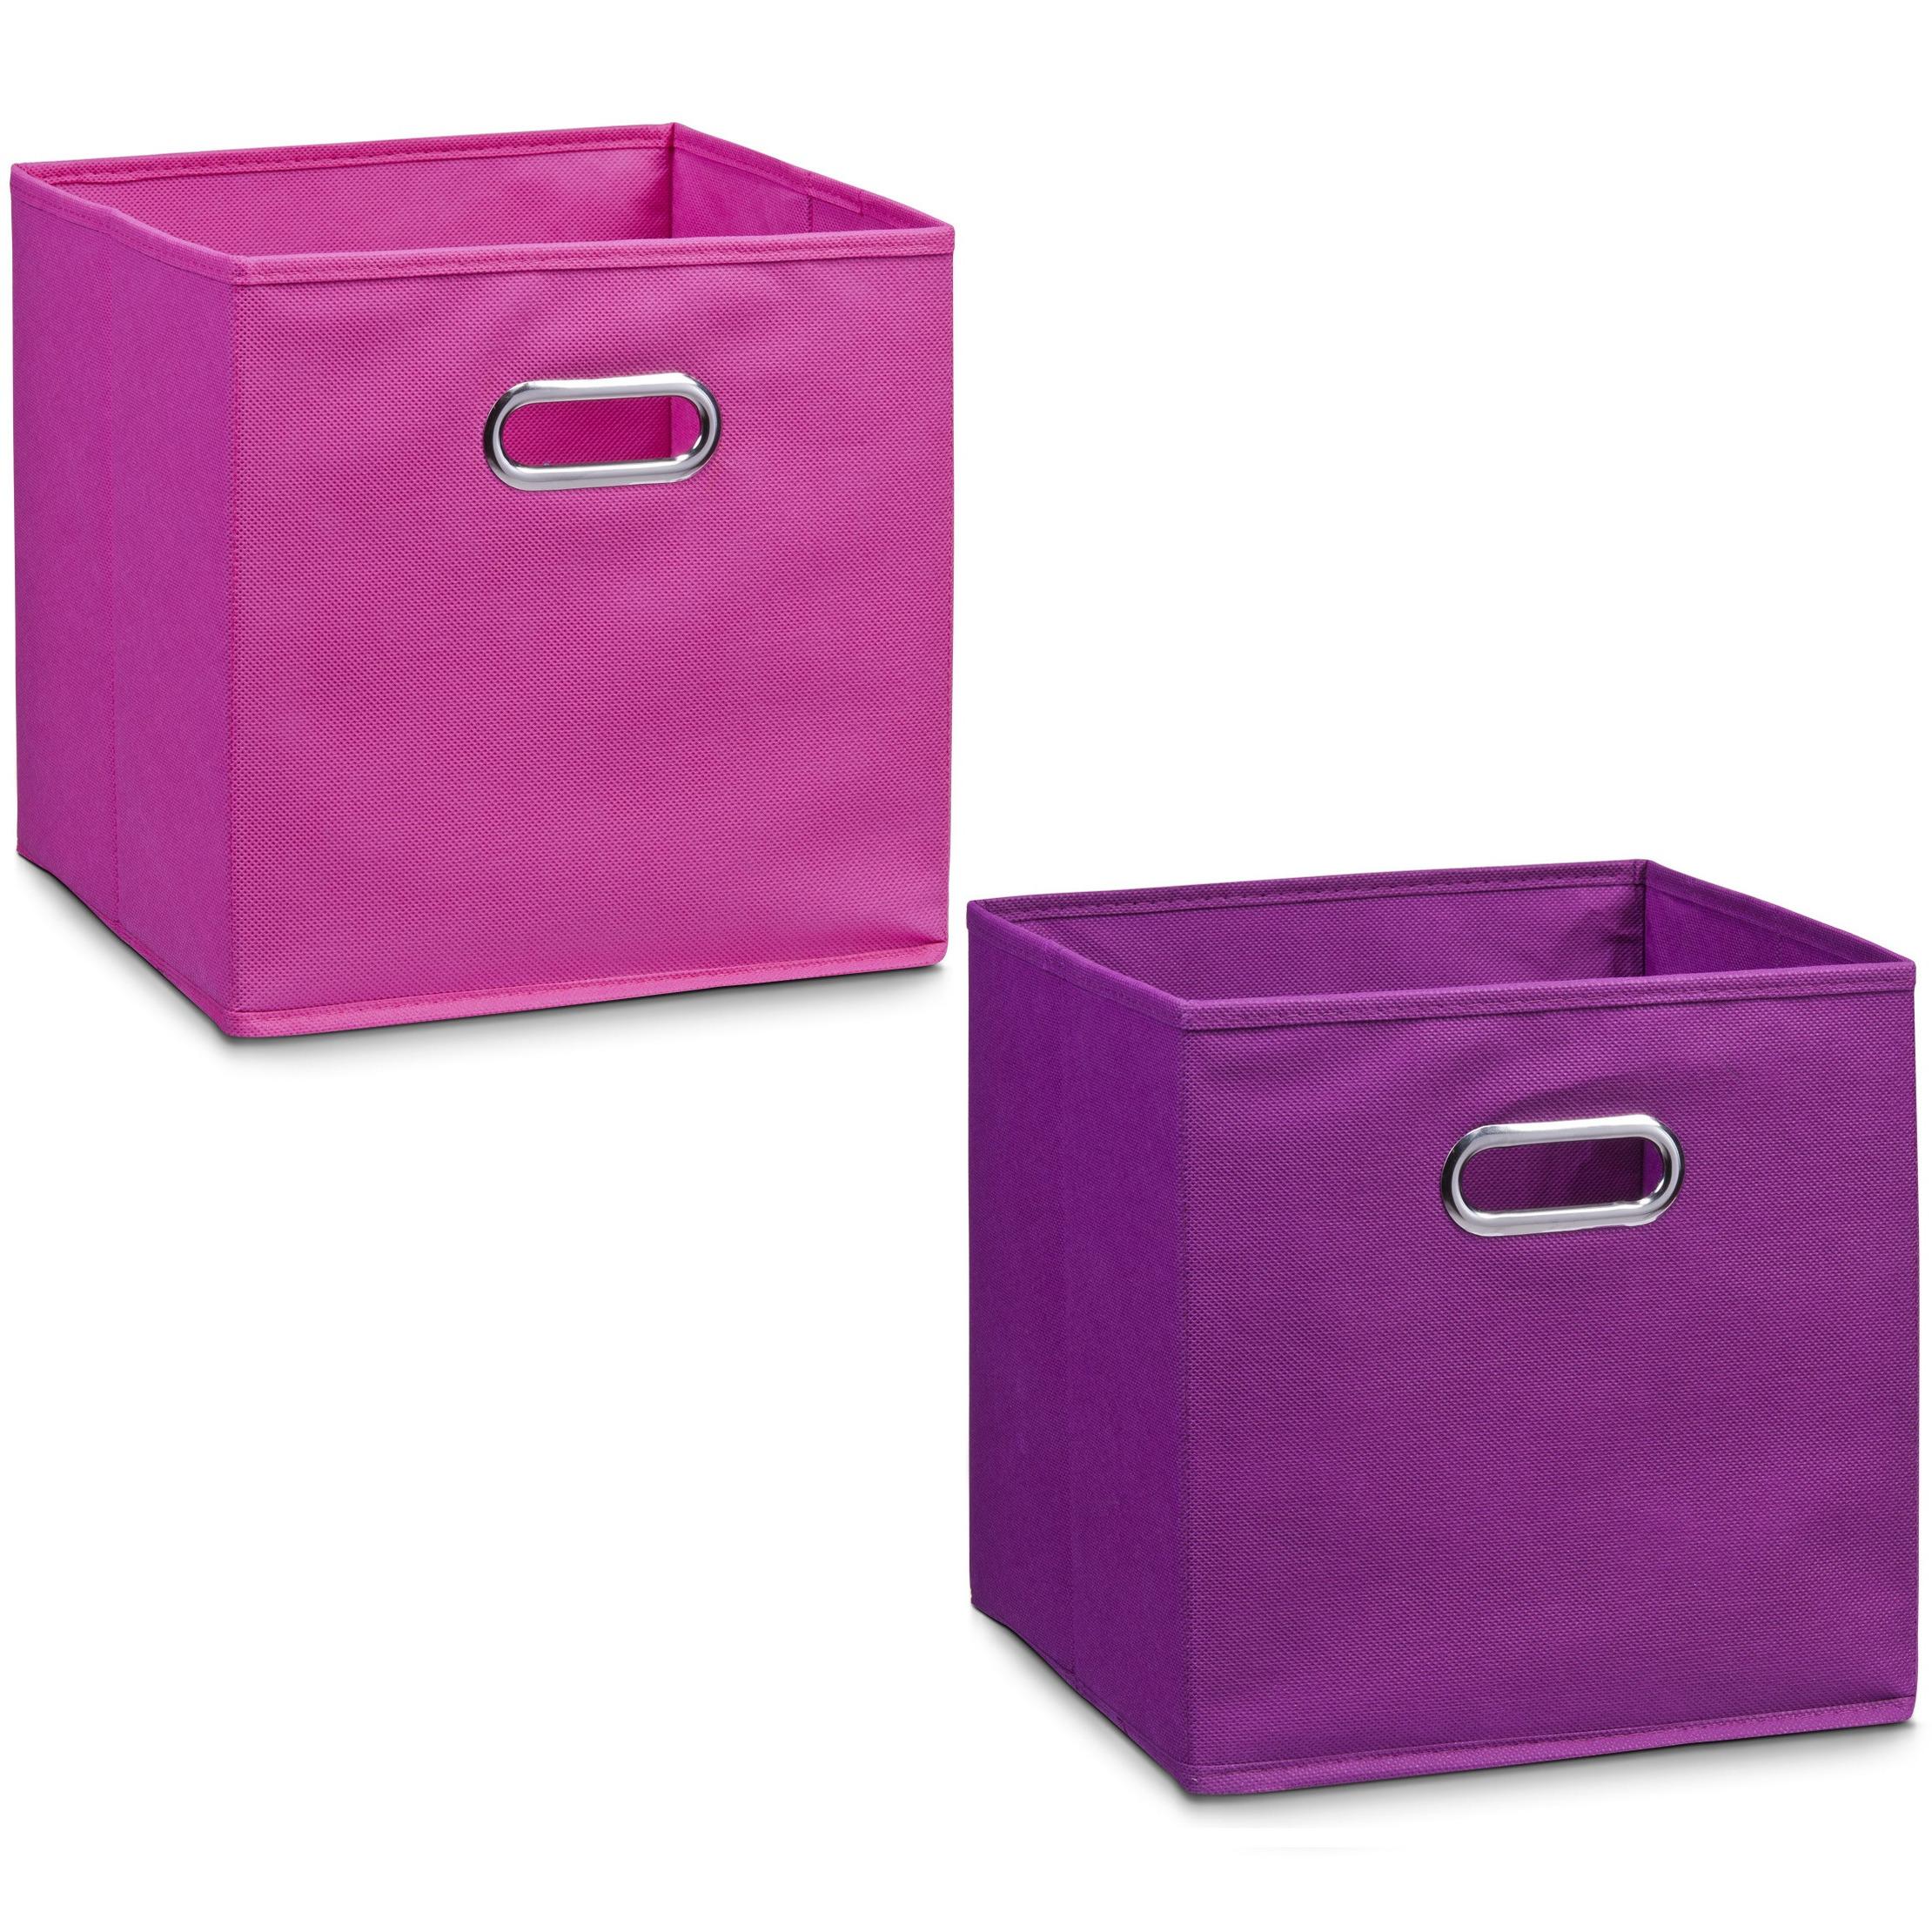 2x roze en paarse opbergmandjes kinderkamer 32 x 32 cm